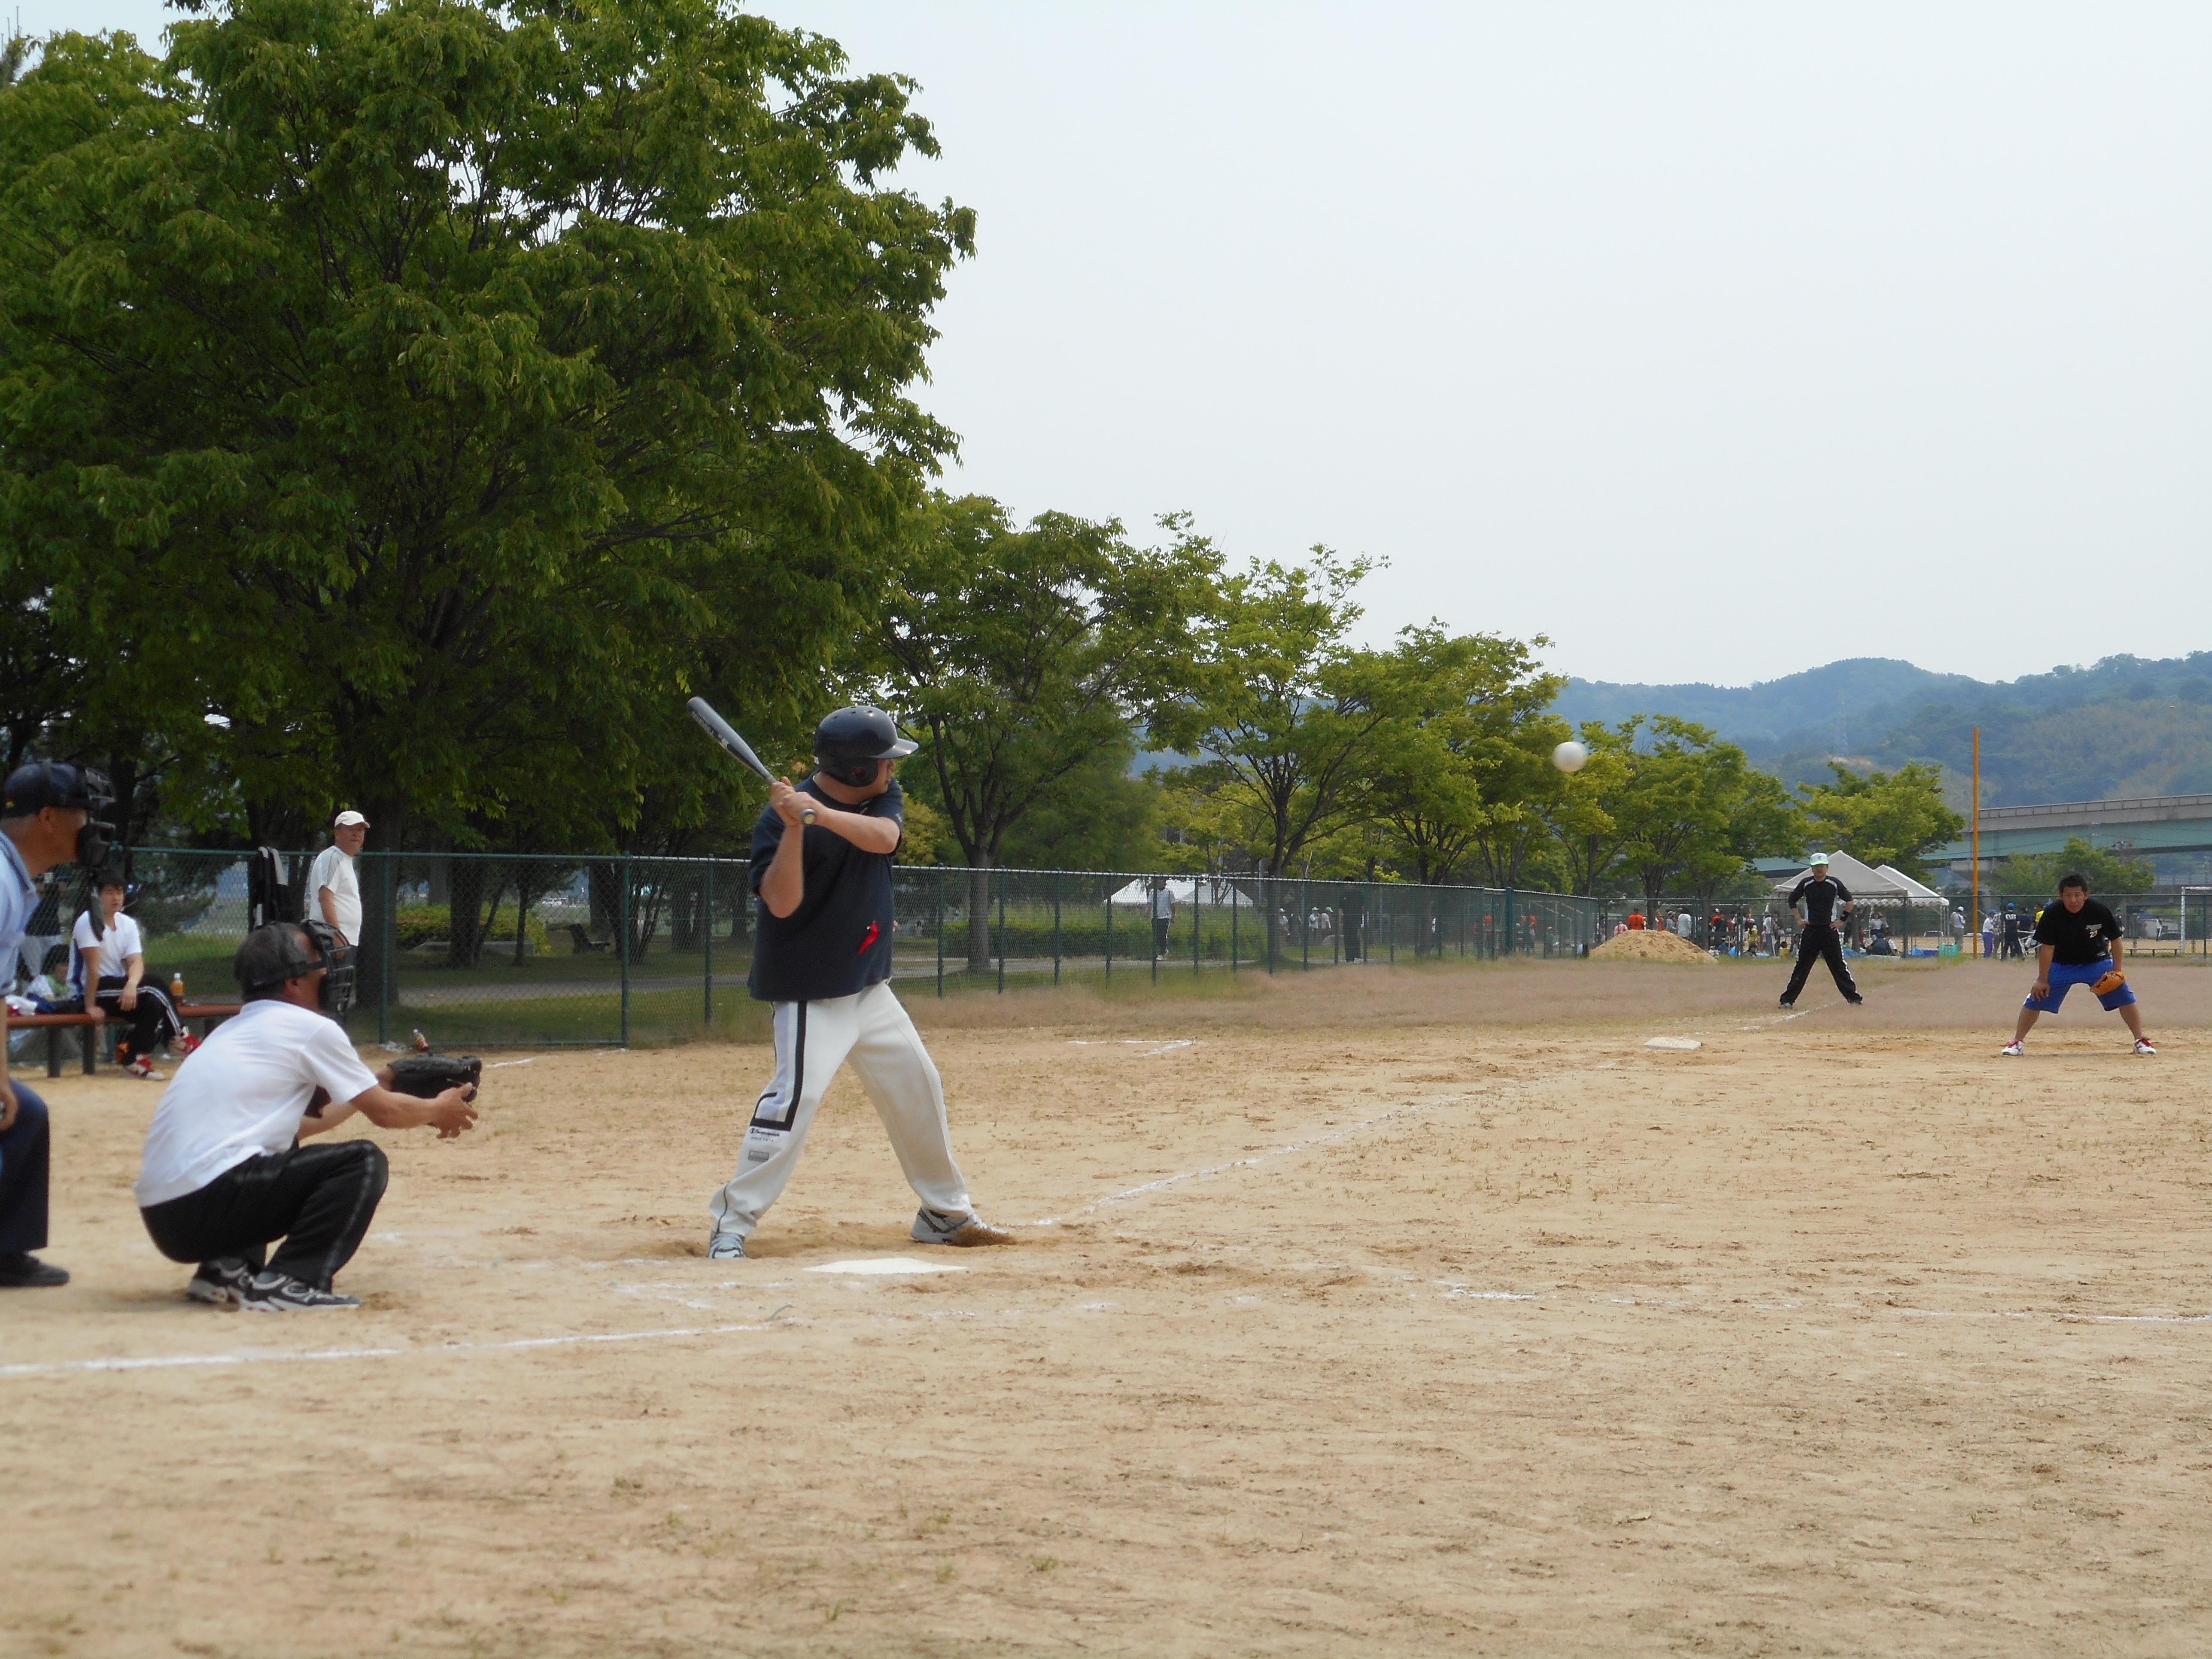 ソフトボール5